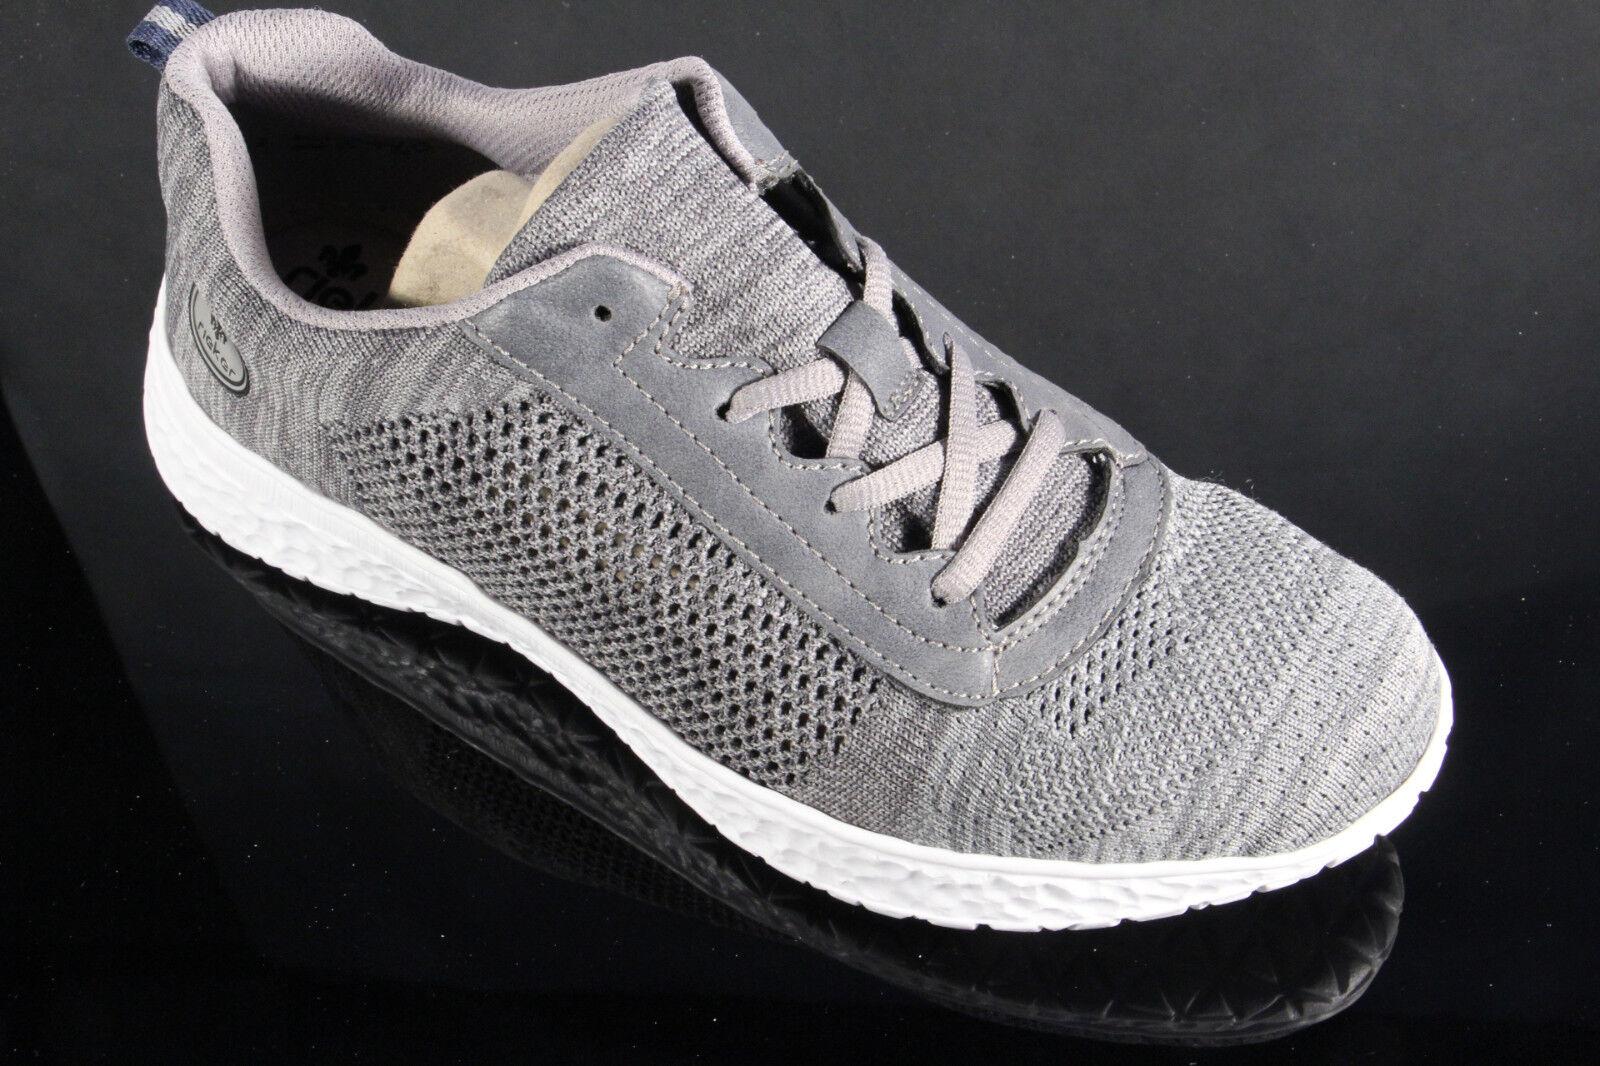 Rieker Damen Schnürschuh Schnürschuhe Sneakers Sportschuhe Halbschuhe grau NEU!